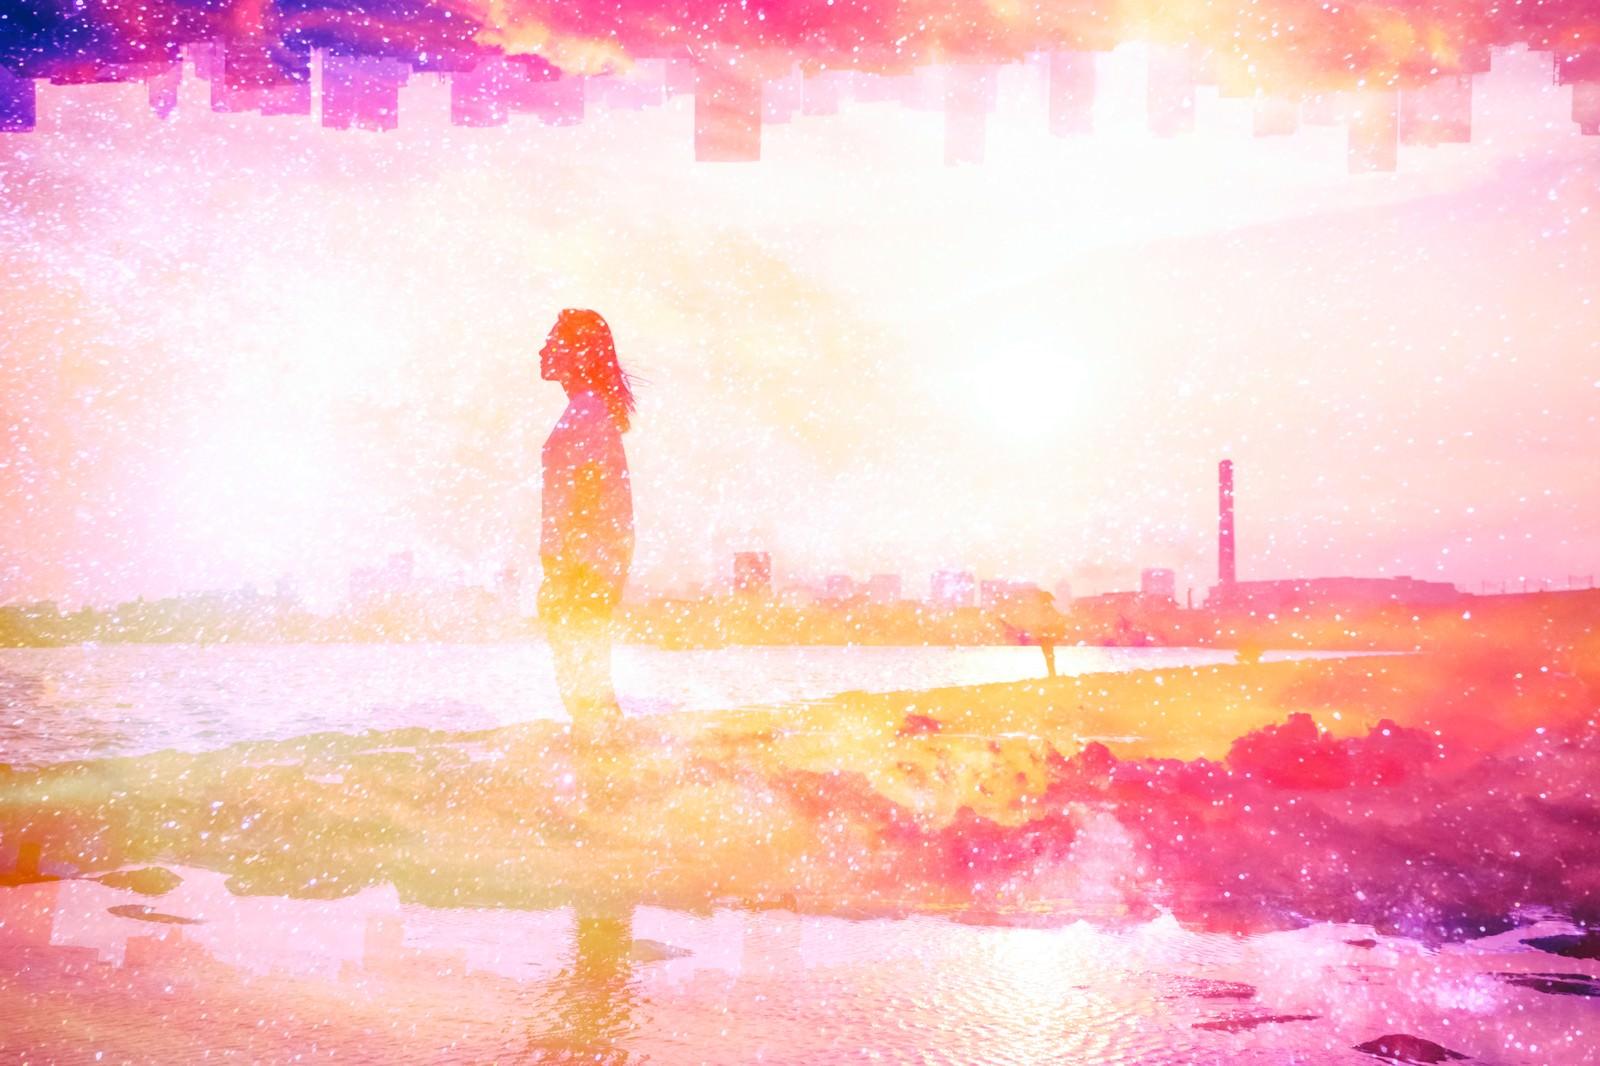 「夢と旅立ち(フォトモンタージュ)夢と旅立ち(フォトモンタージュ)」のフリー写真素材を拡大